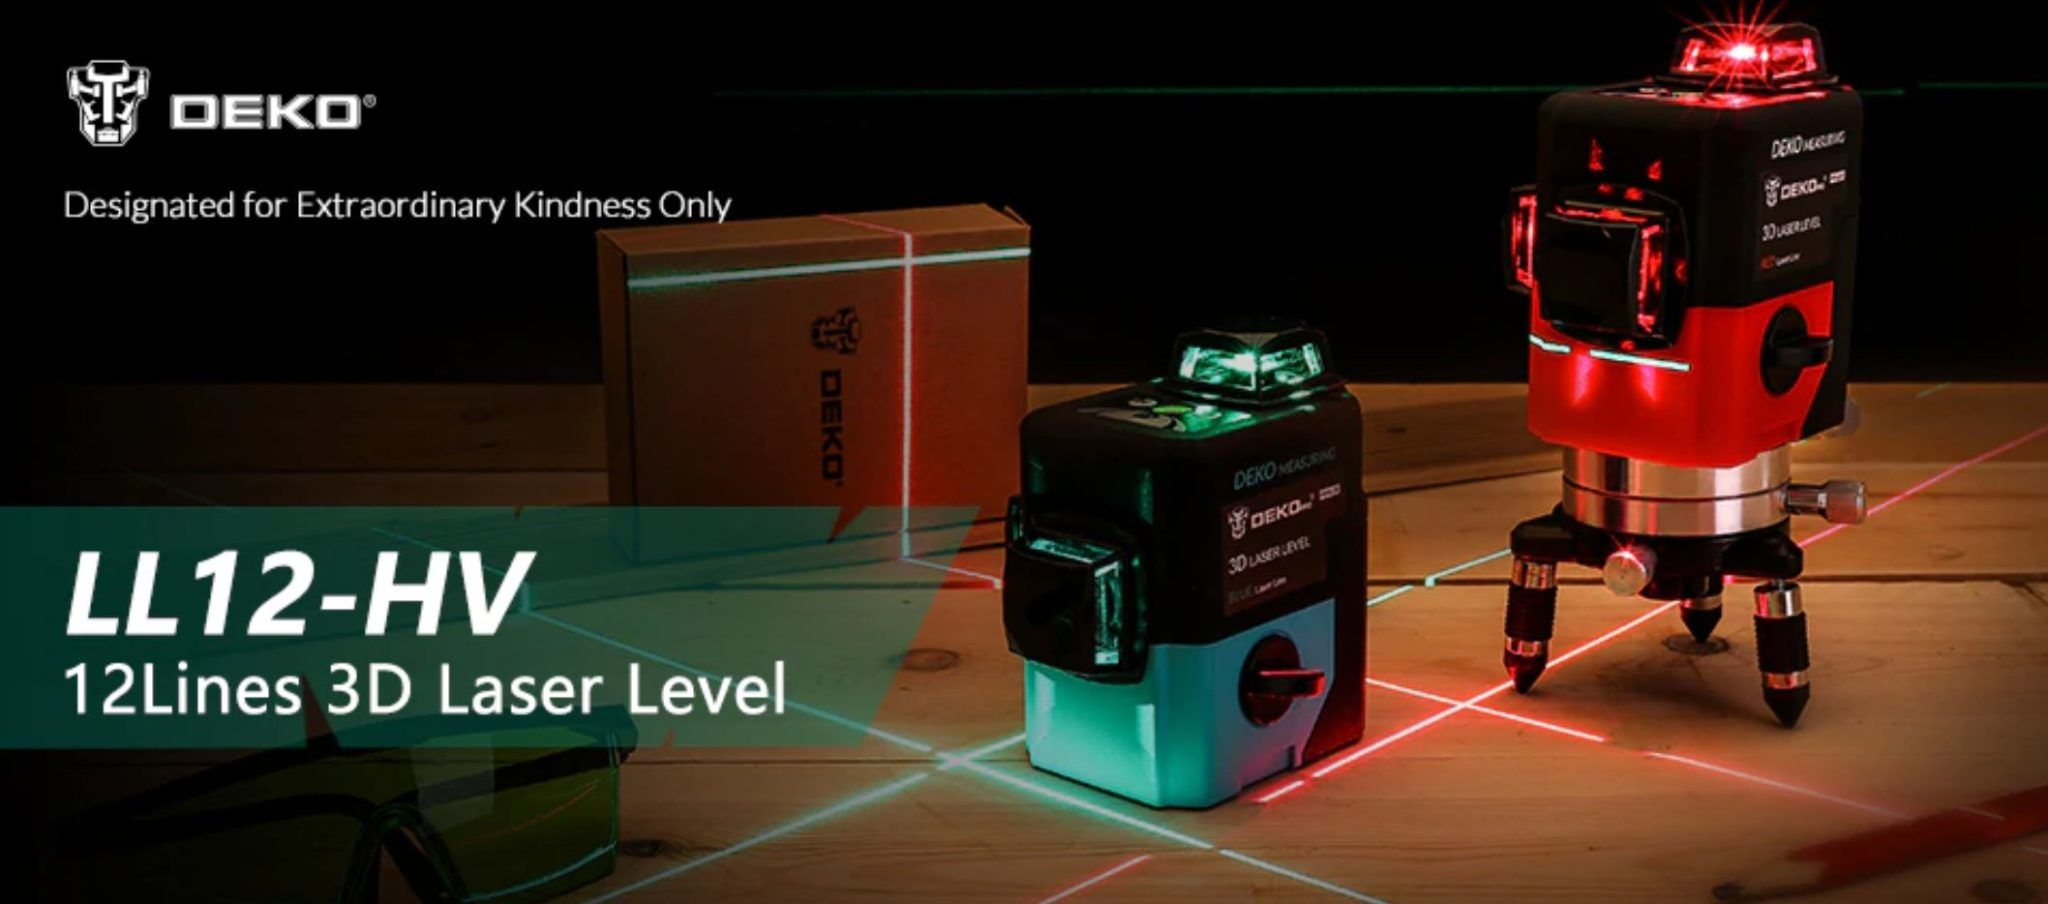 Najlepsze narzędzia z Aliexpress - promocja produktów marki DEKO - poziomica LL12-HV